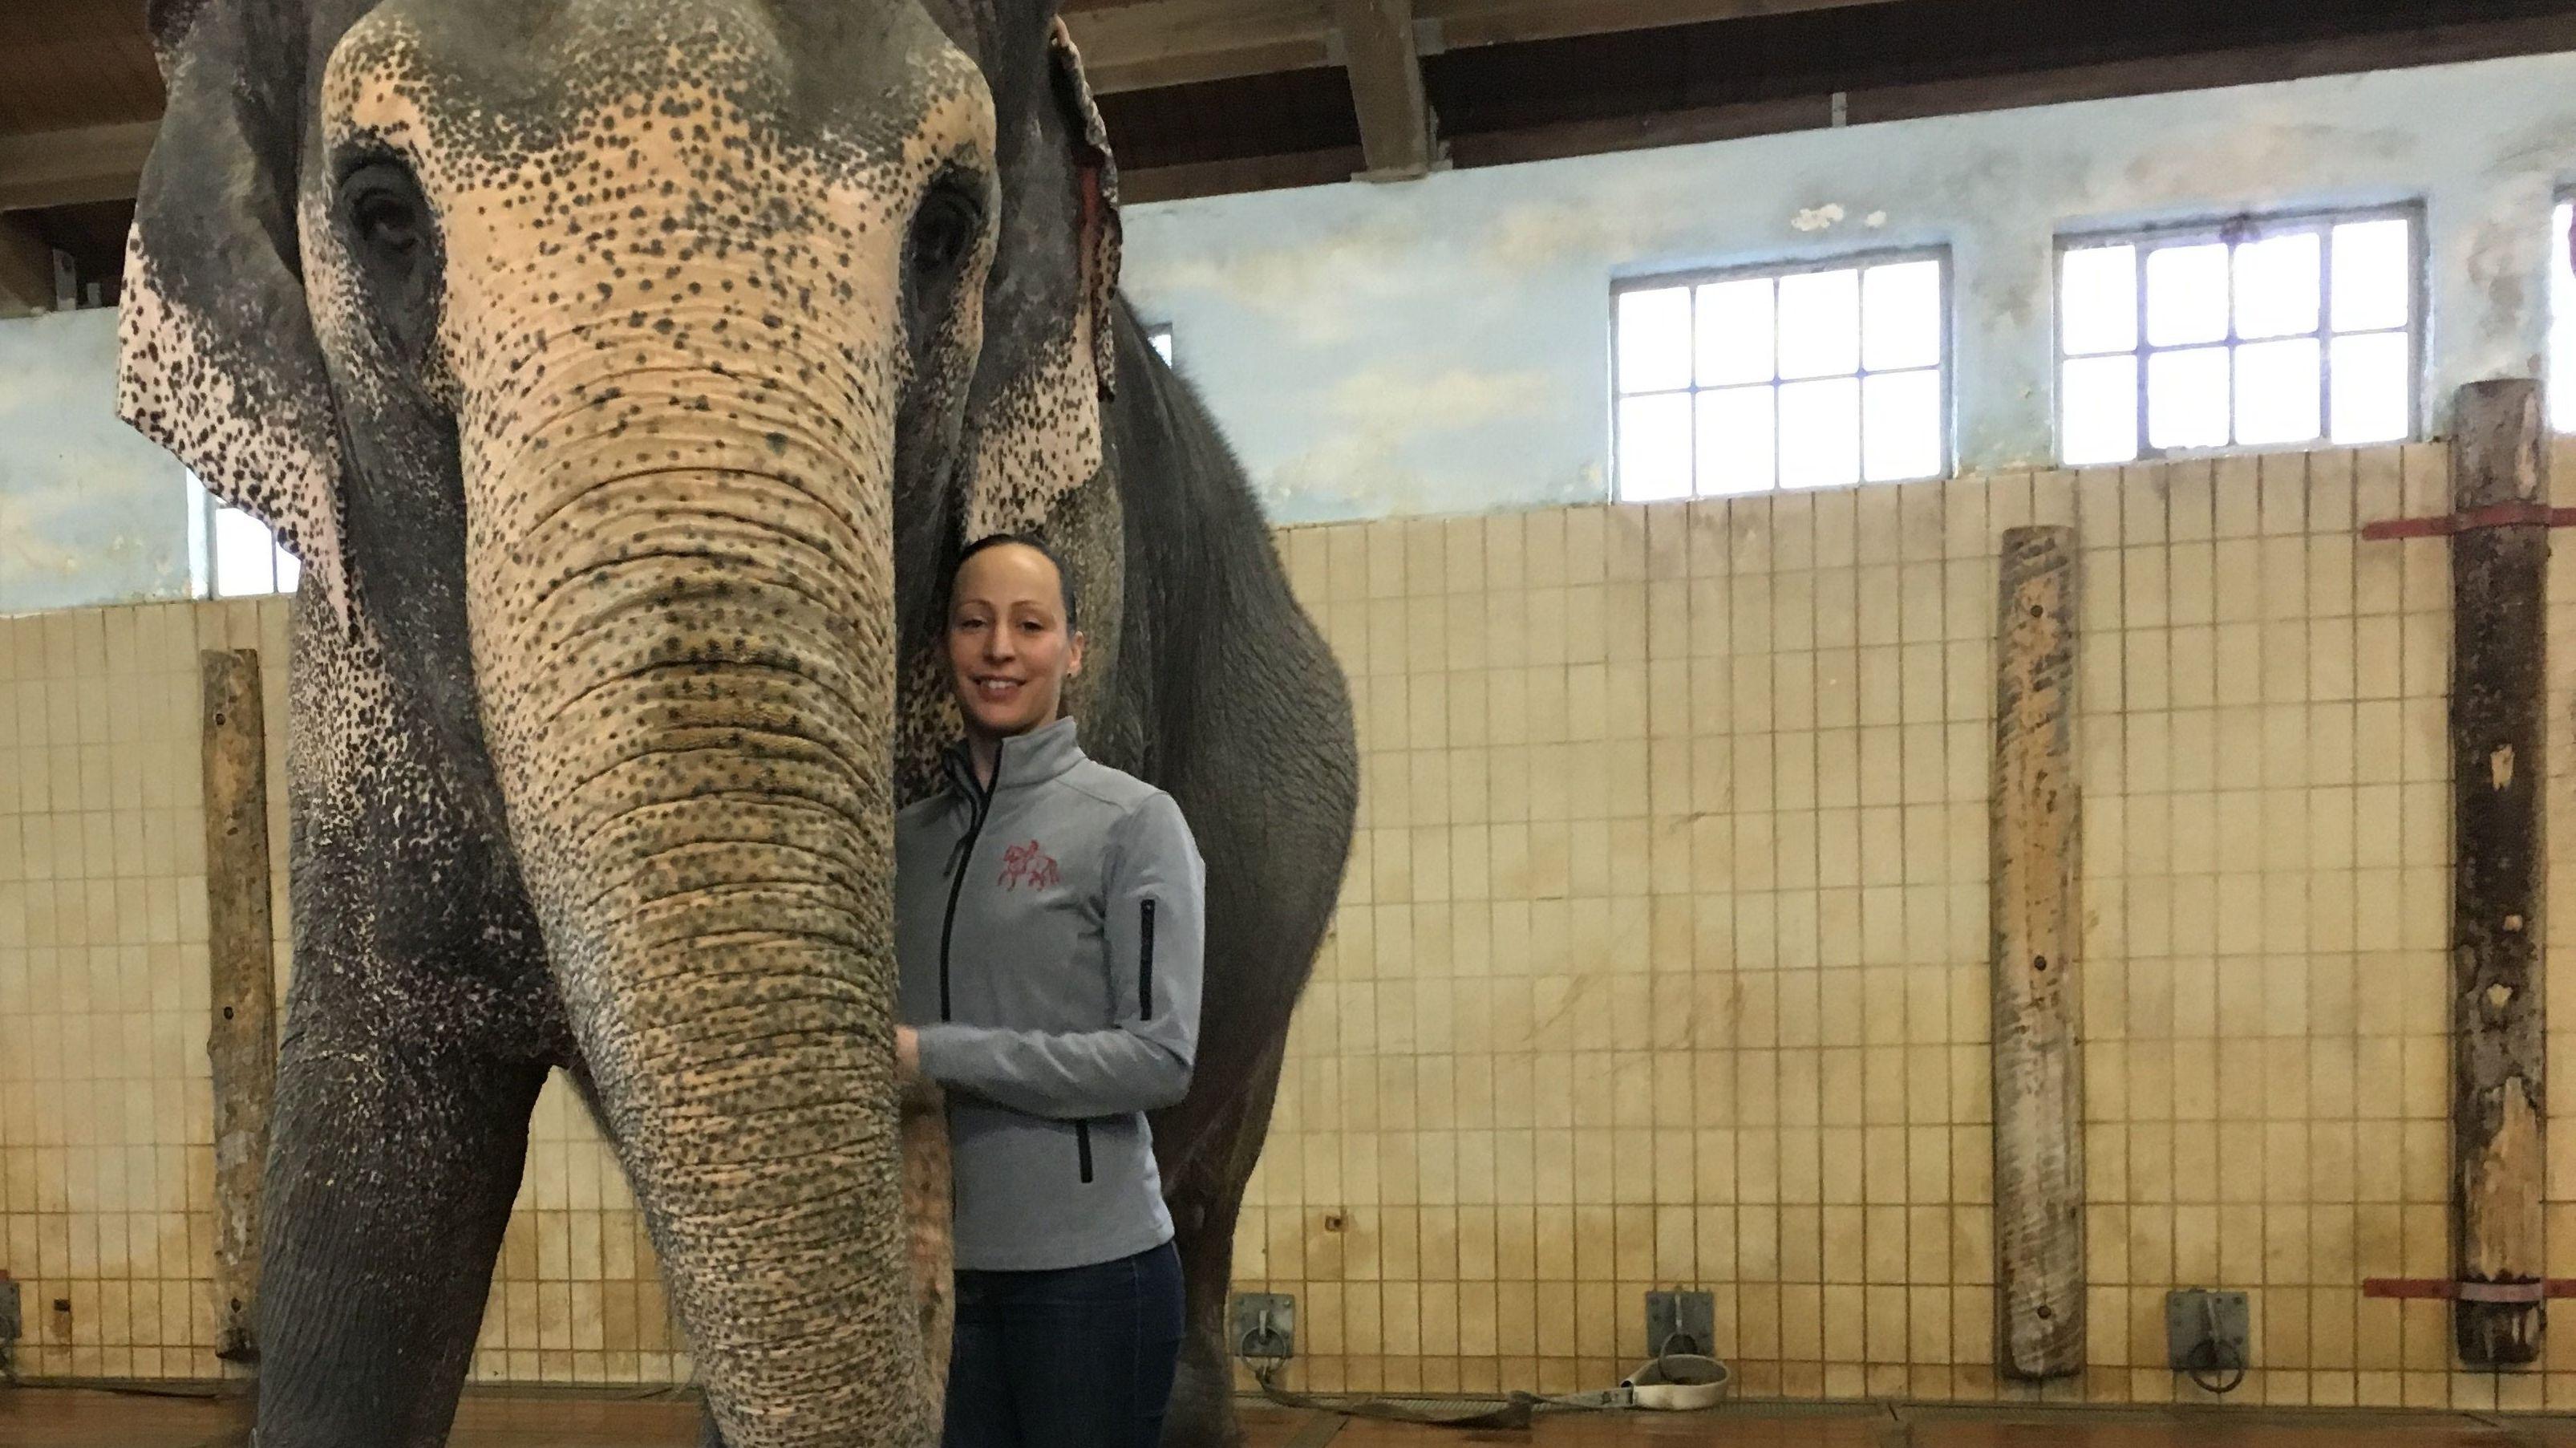 Zirkusdirektorin Jana Mandana Lacey-Krone mit einem Elefanten im Stall